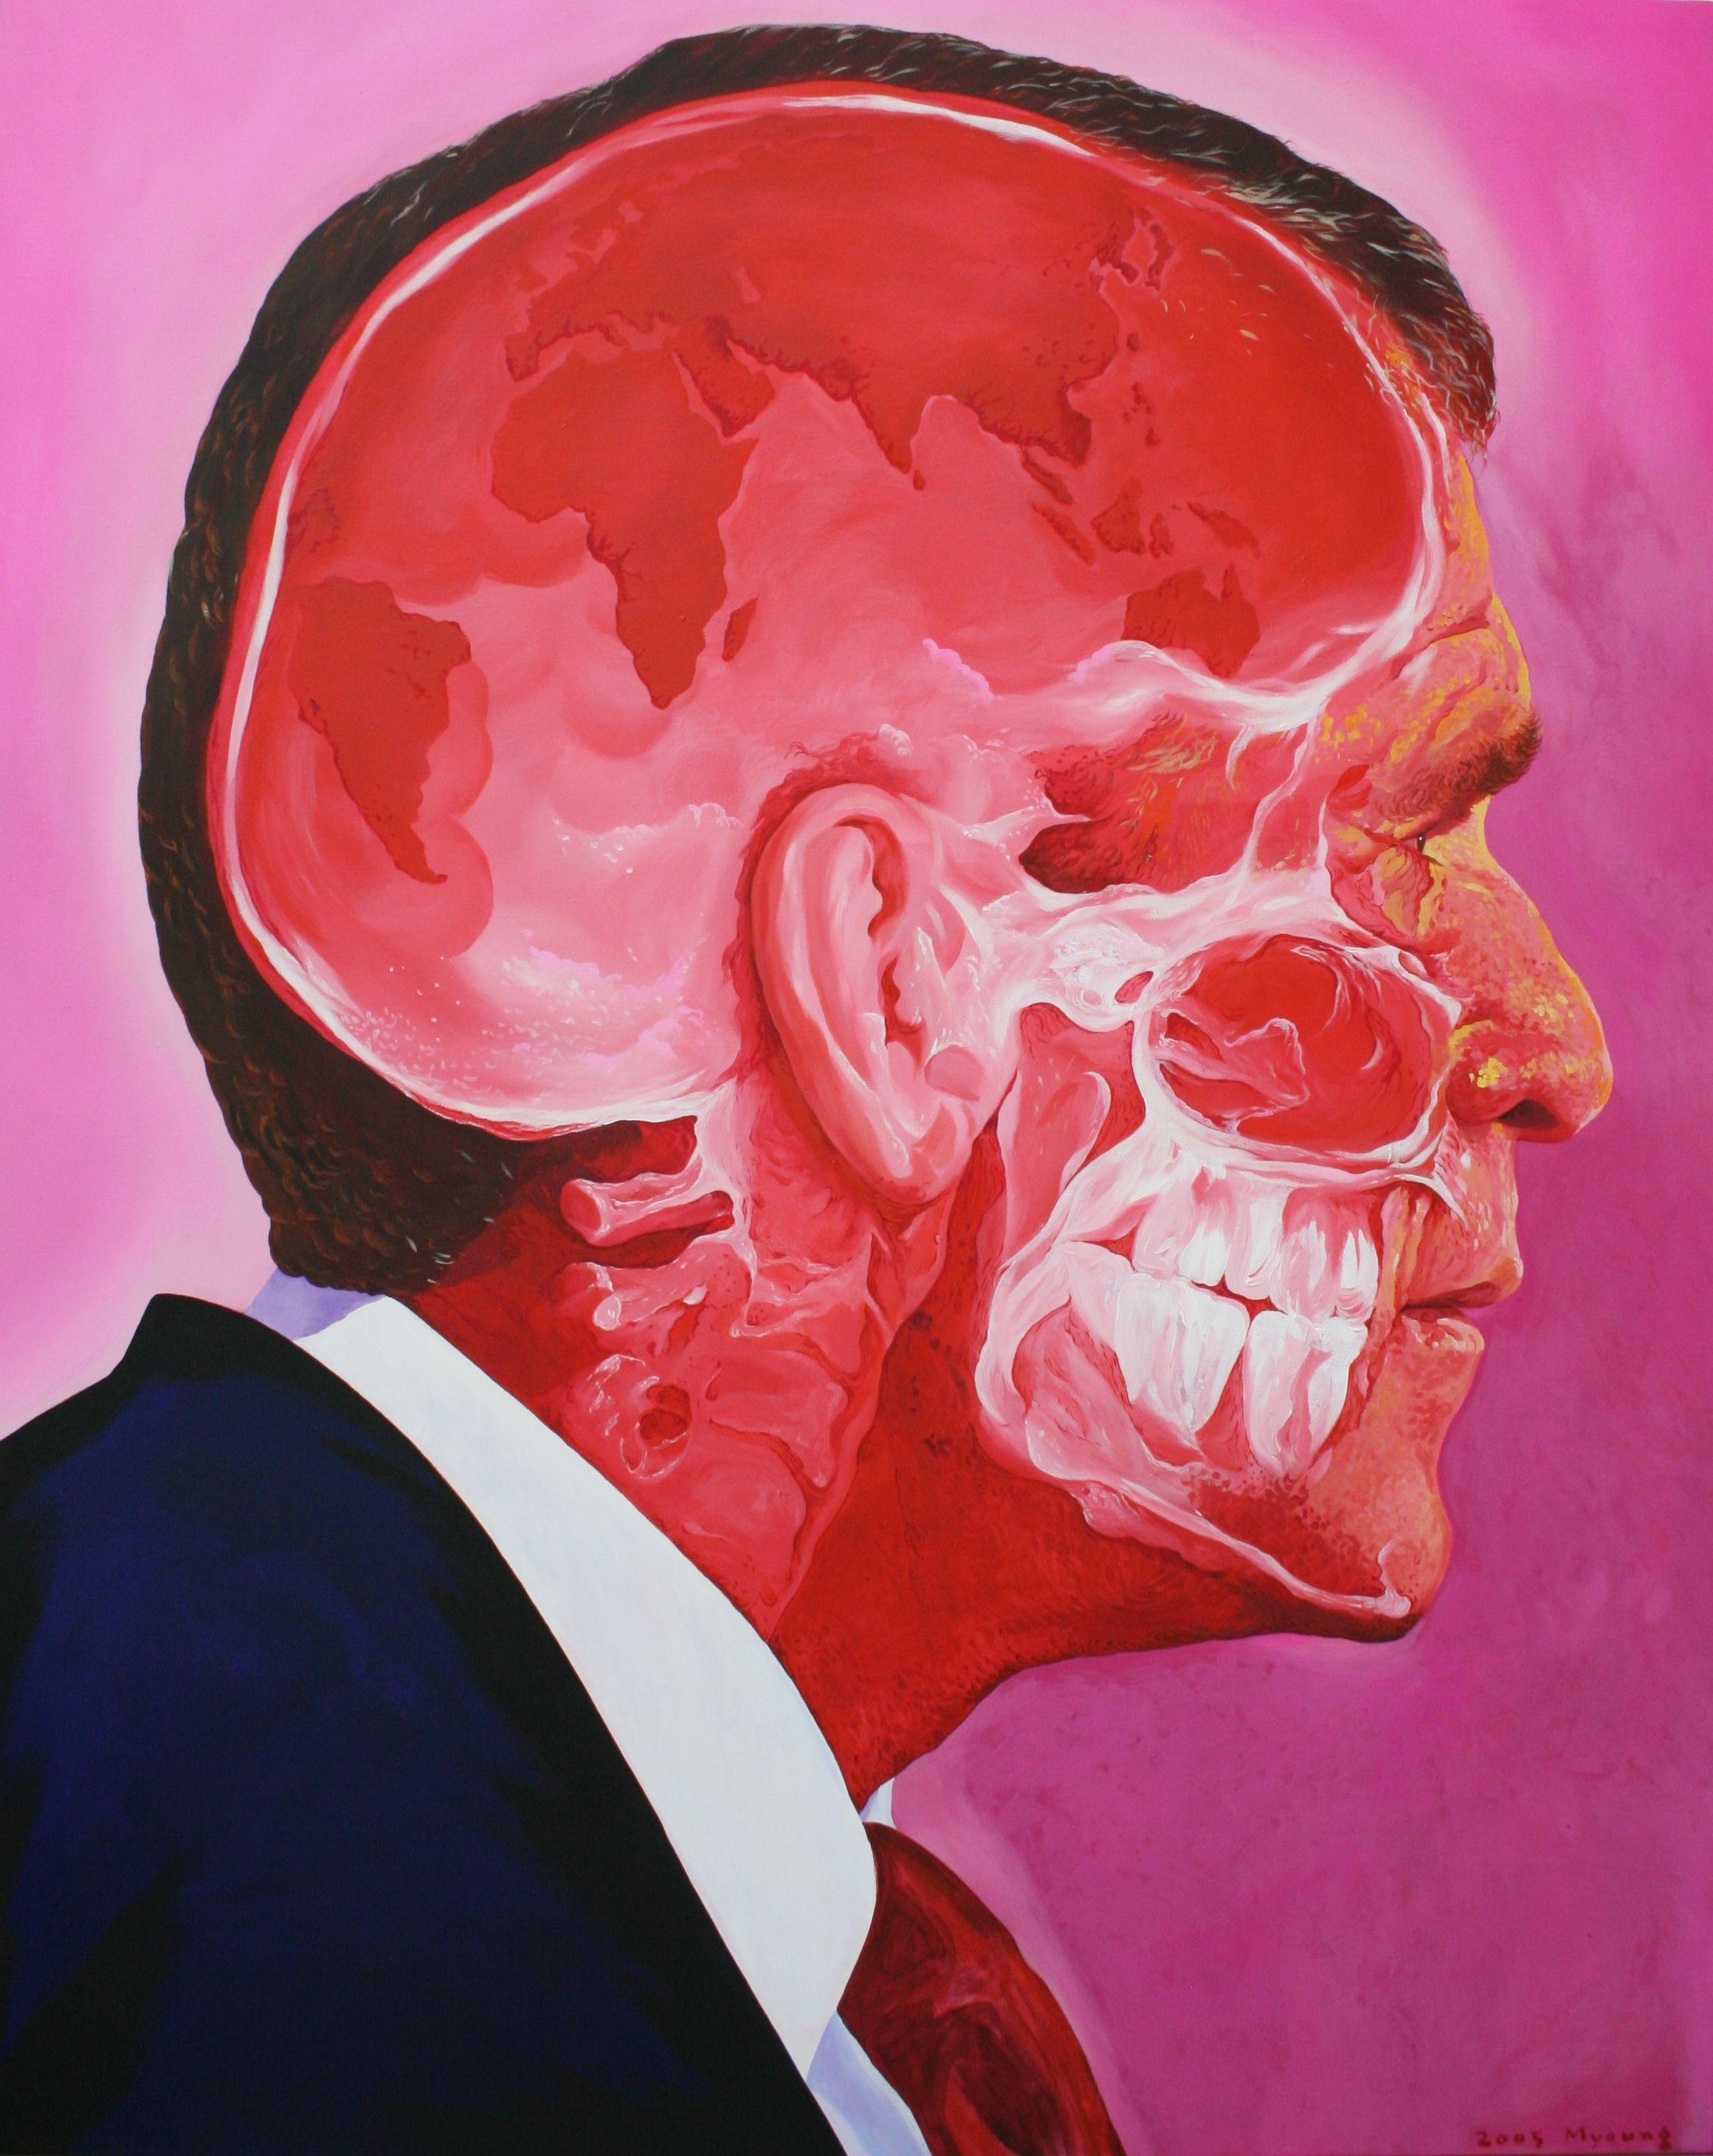 이명복, 환영을 쫓는자의 초상, Bush, 2004 work